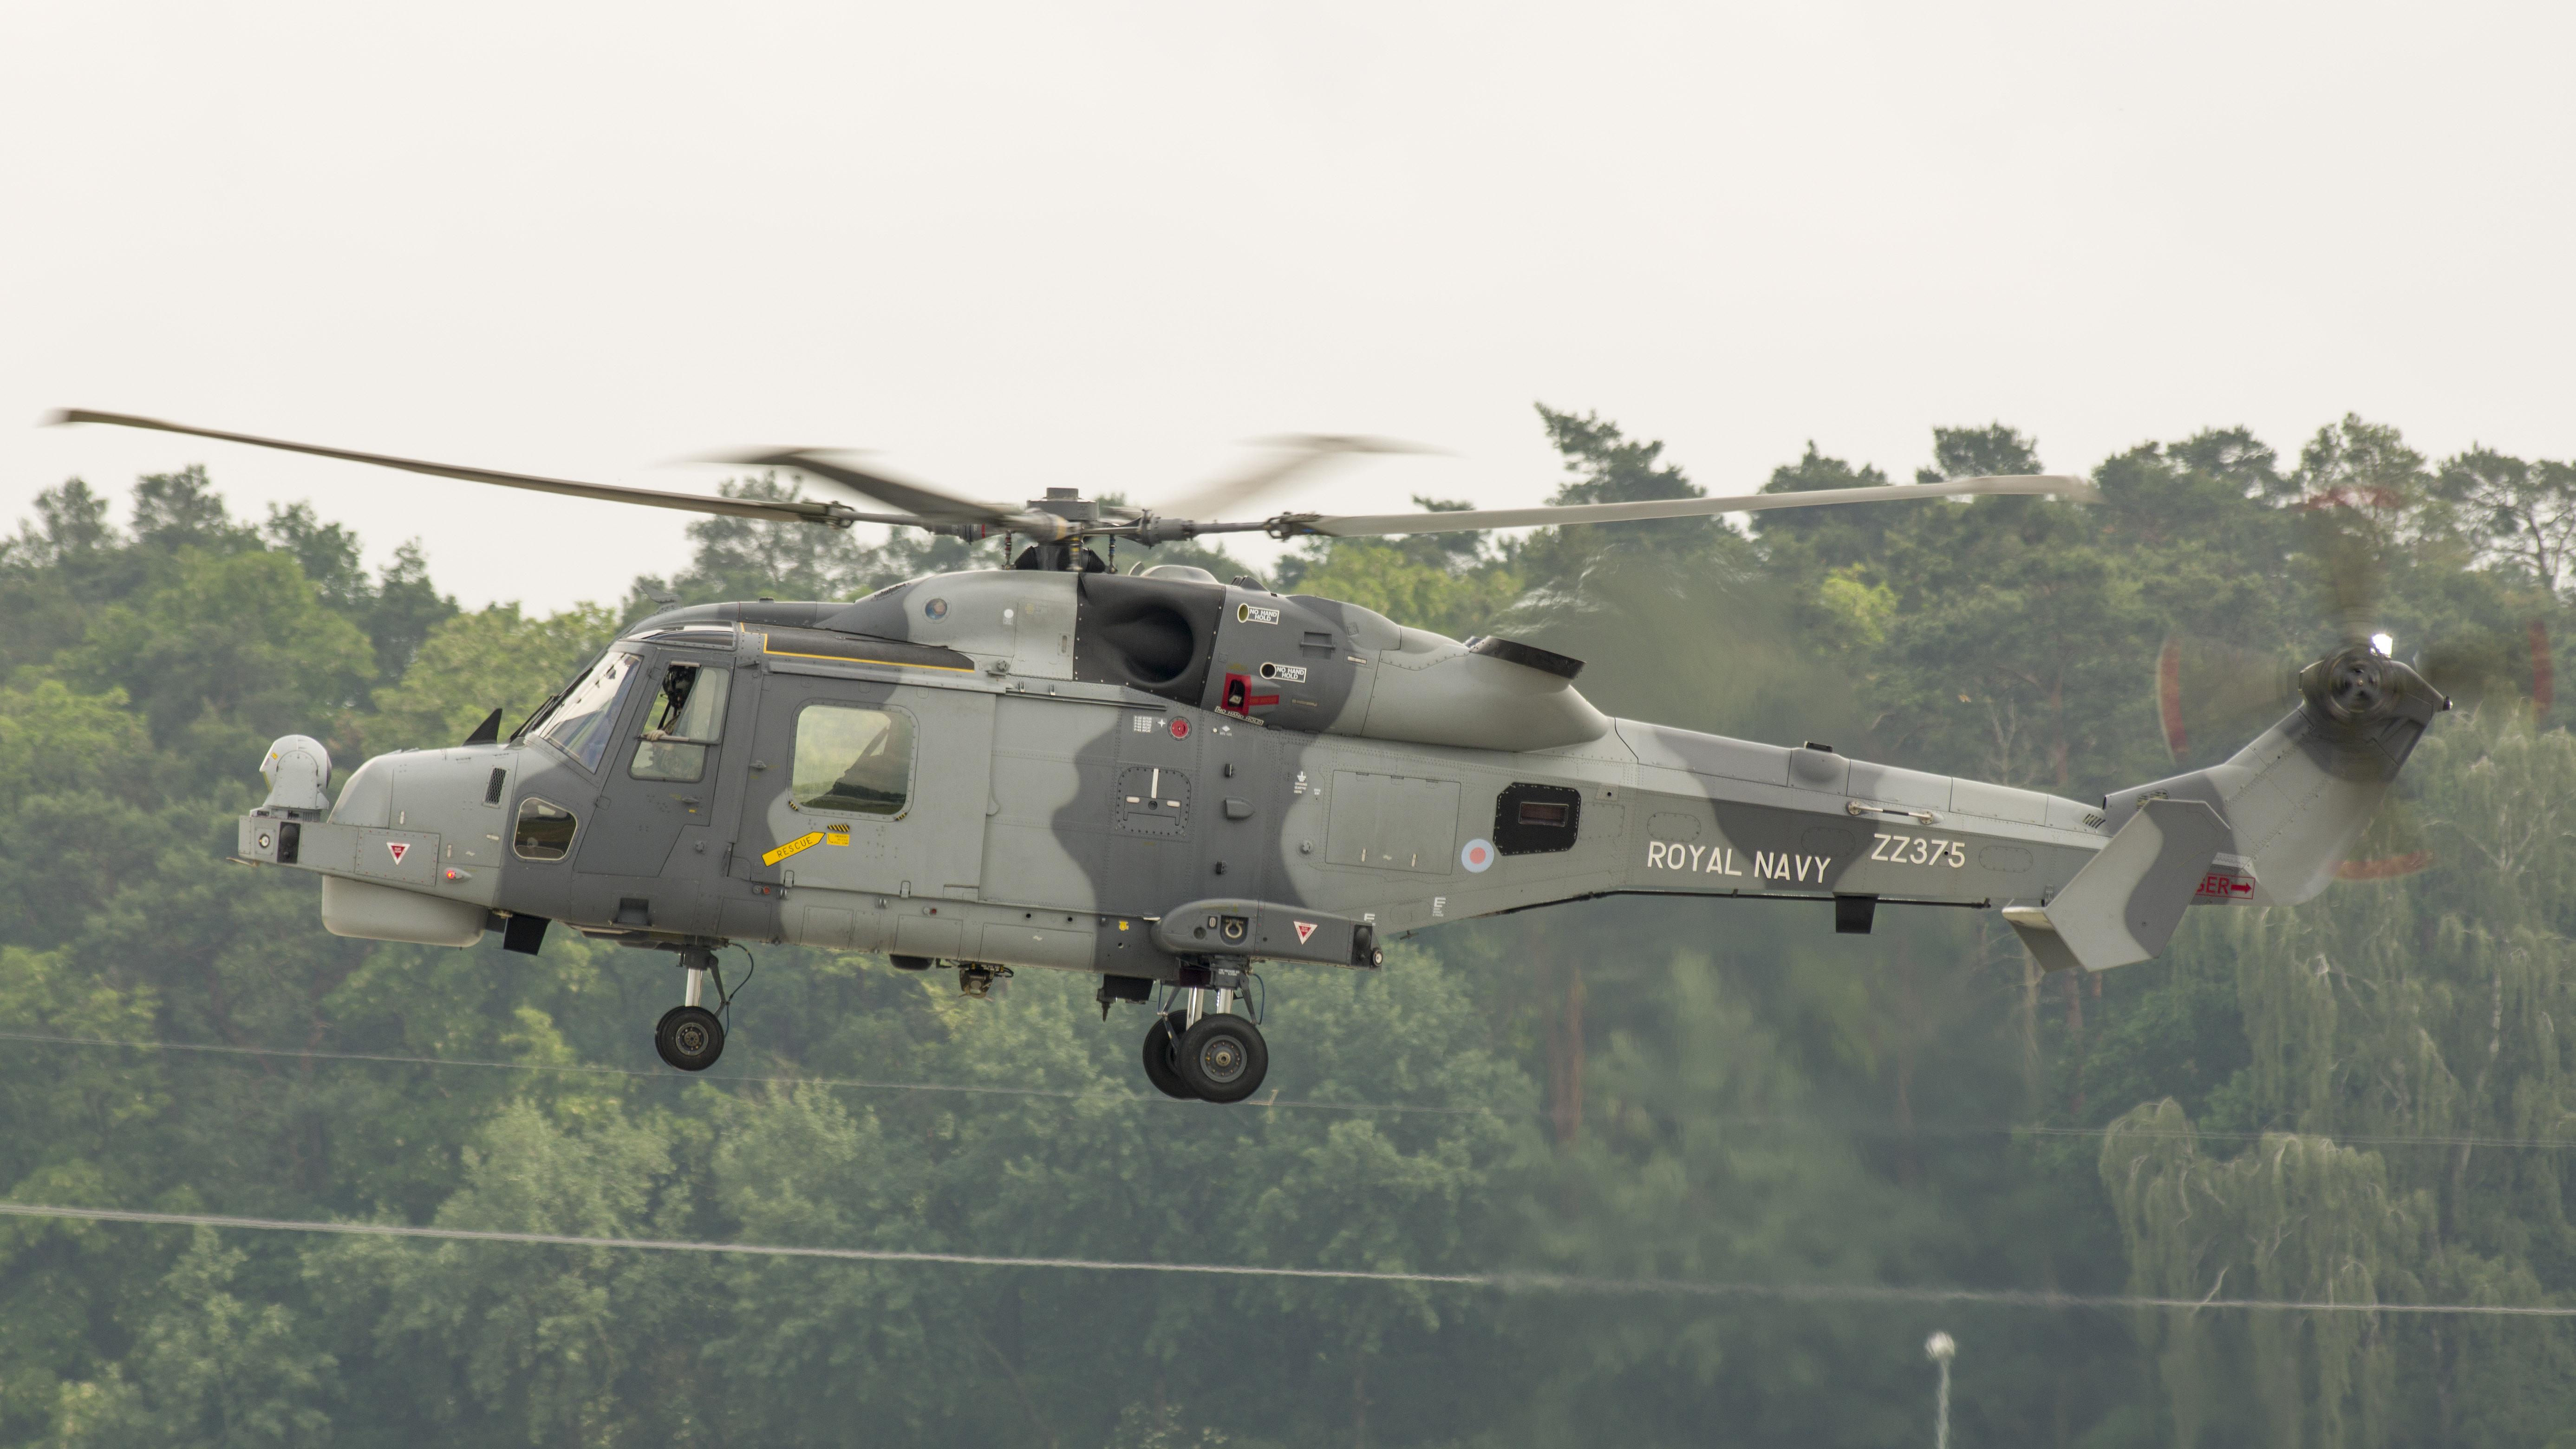 _IMG1917 AgustaWestland AW-159 Wildcat ZZ375 Royal Navy